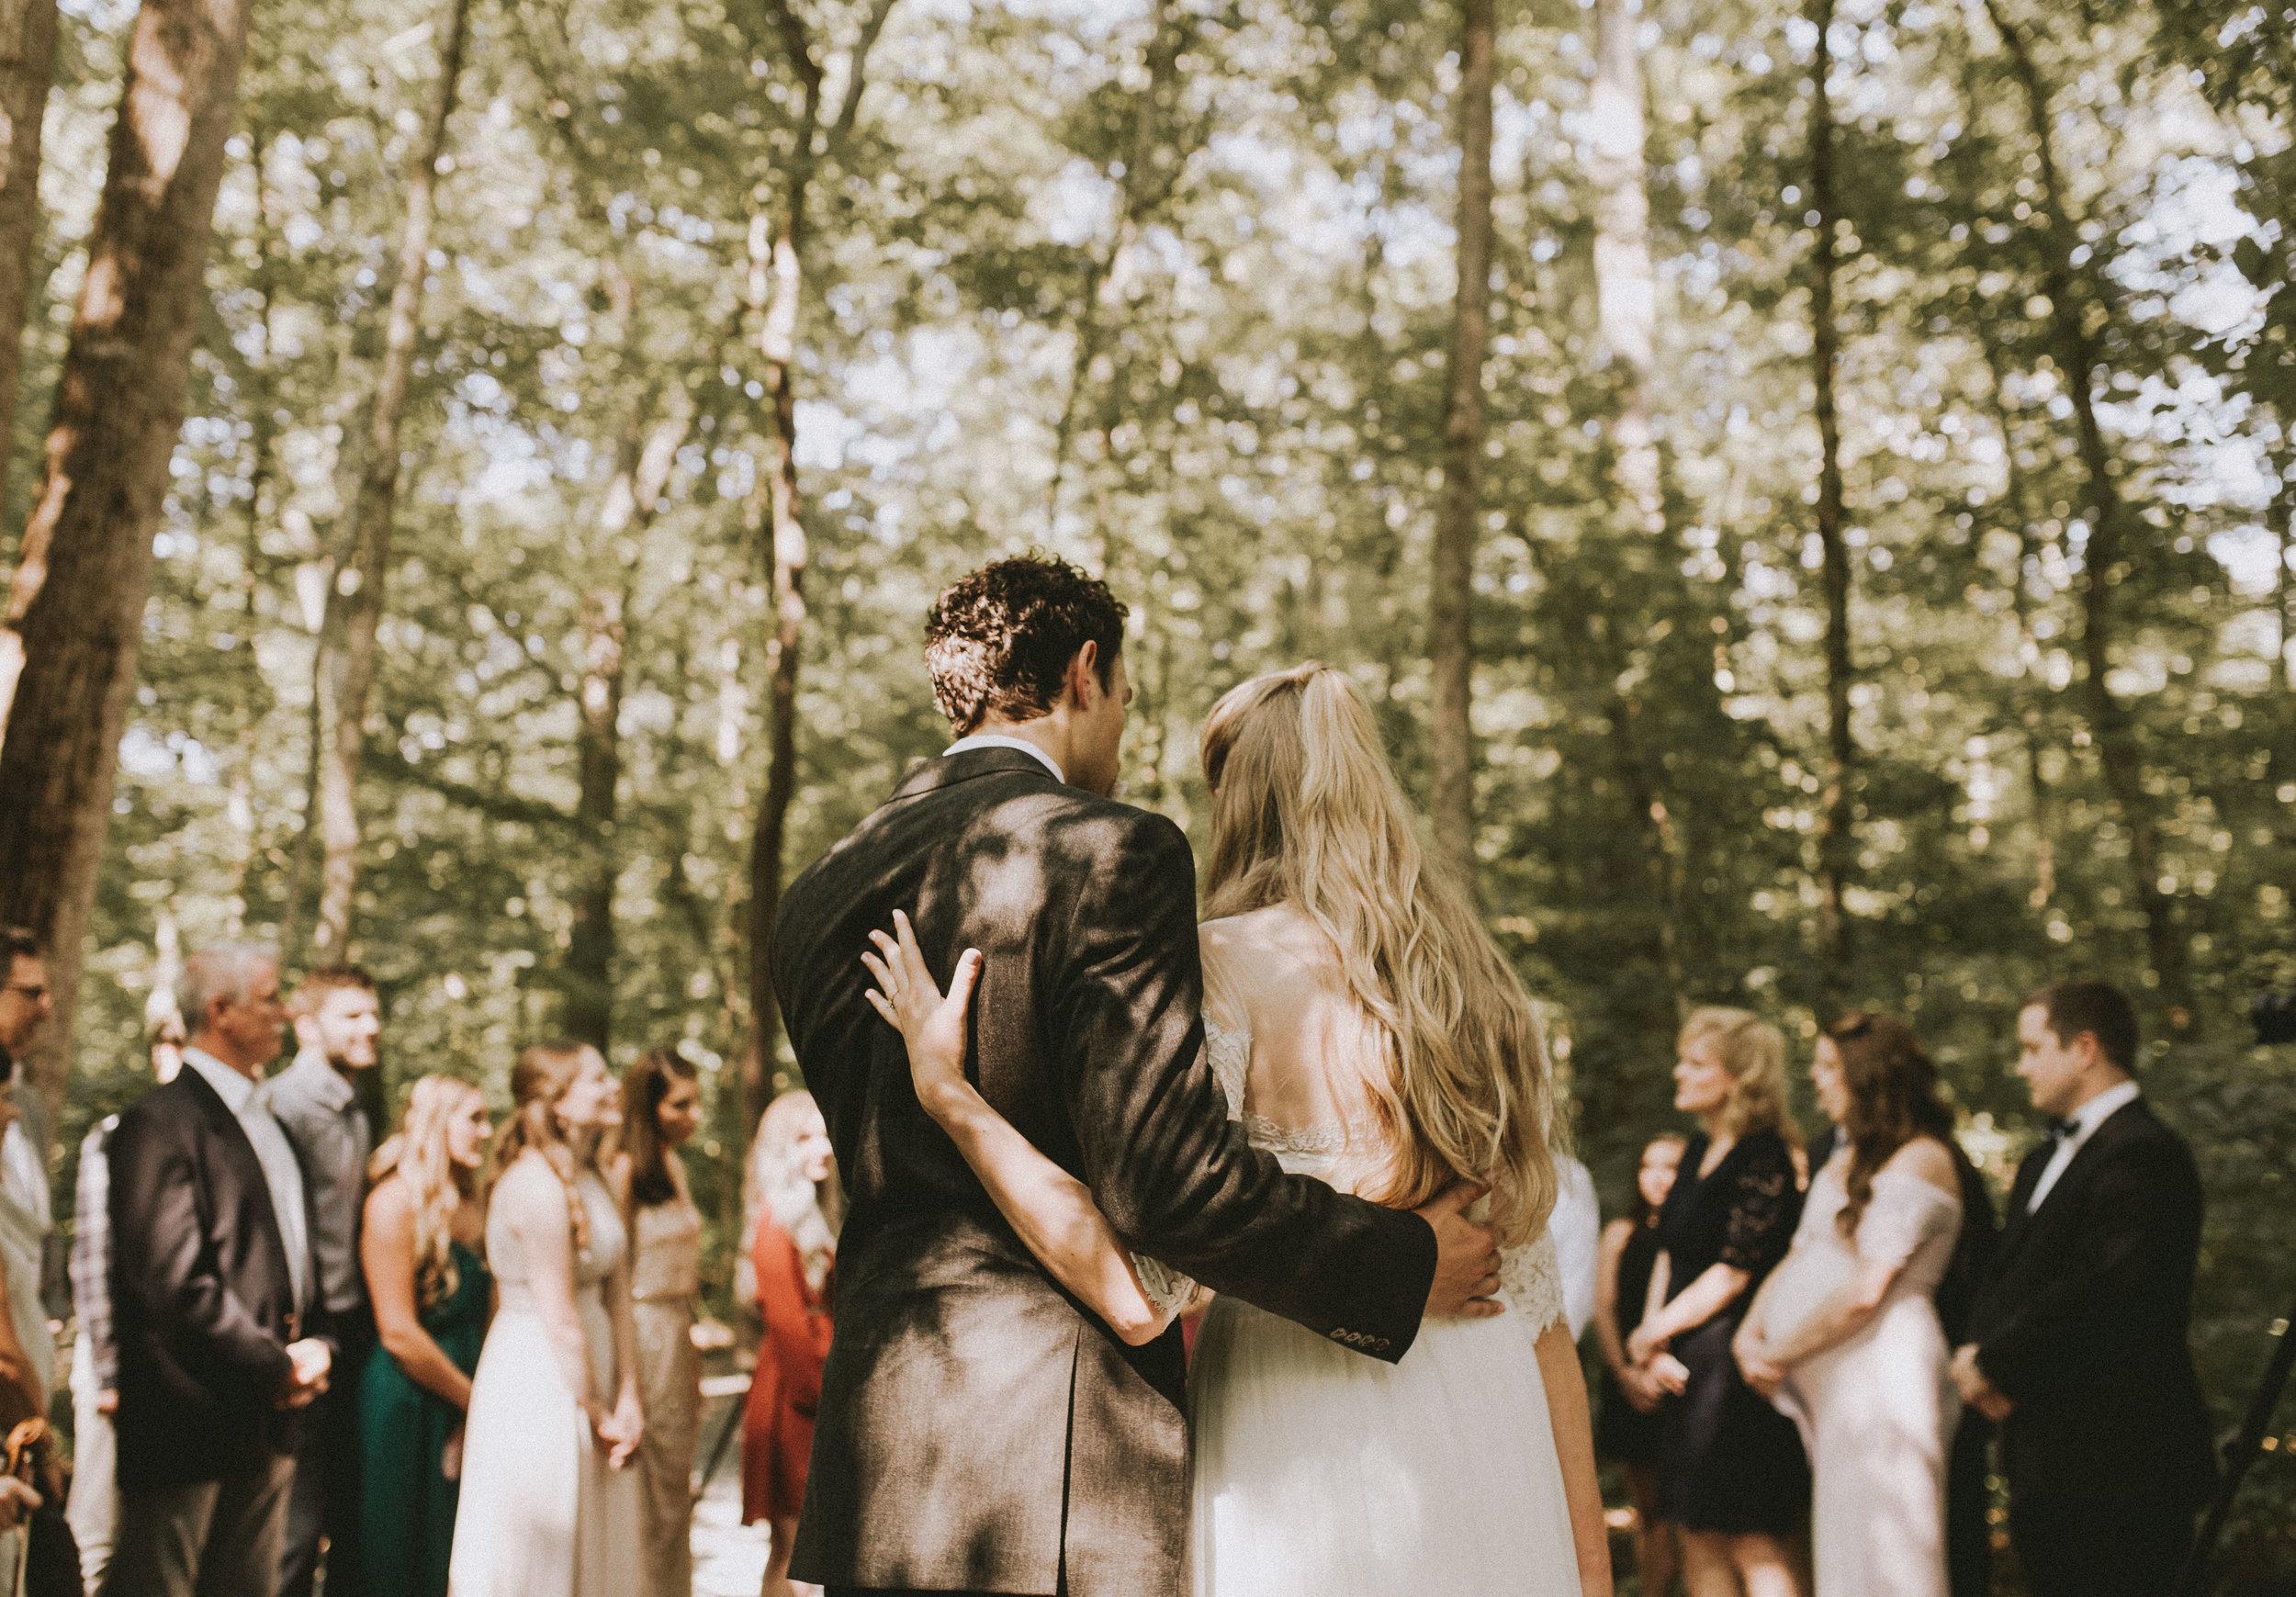 samlandreth-atlanta-wedding-274.jpg